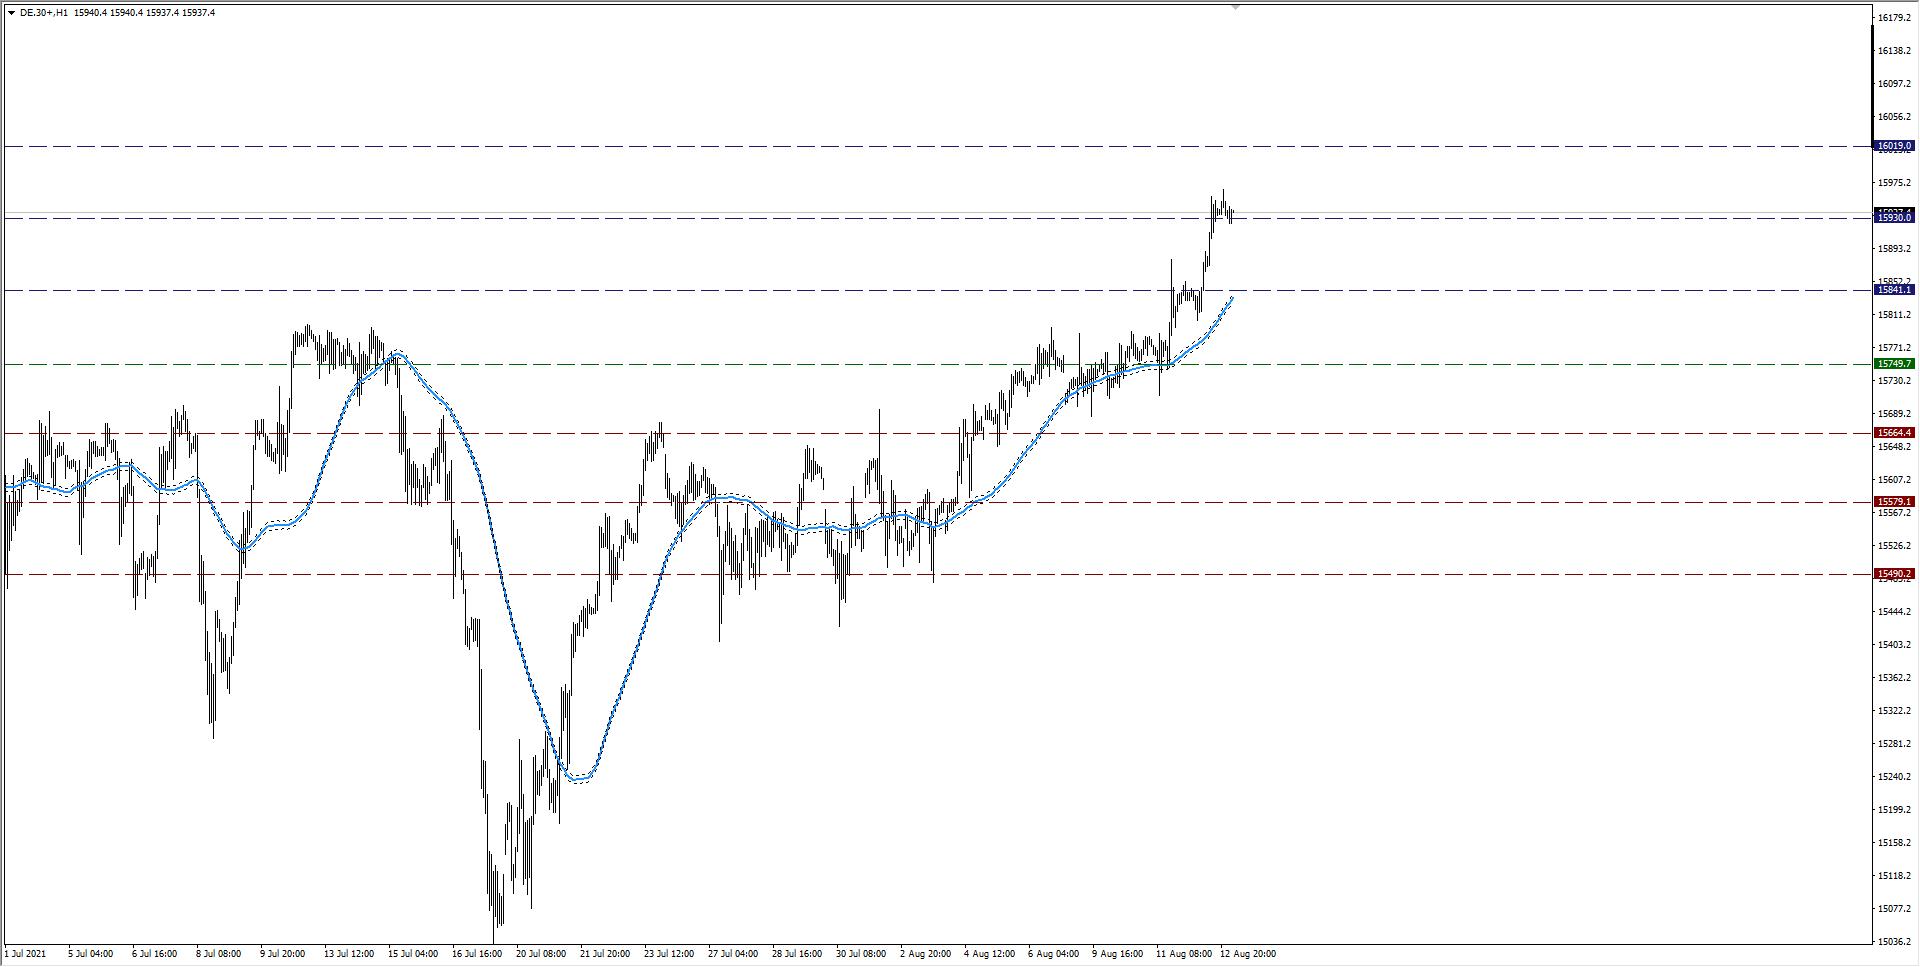 wykres Kurs DAX H1 13.08.2021